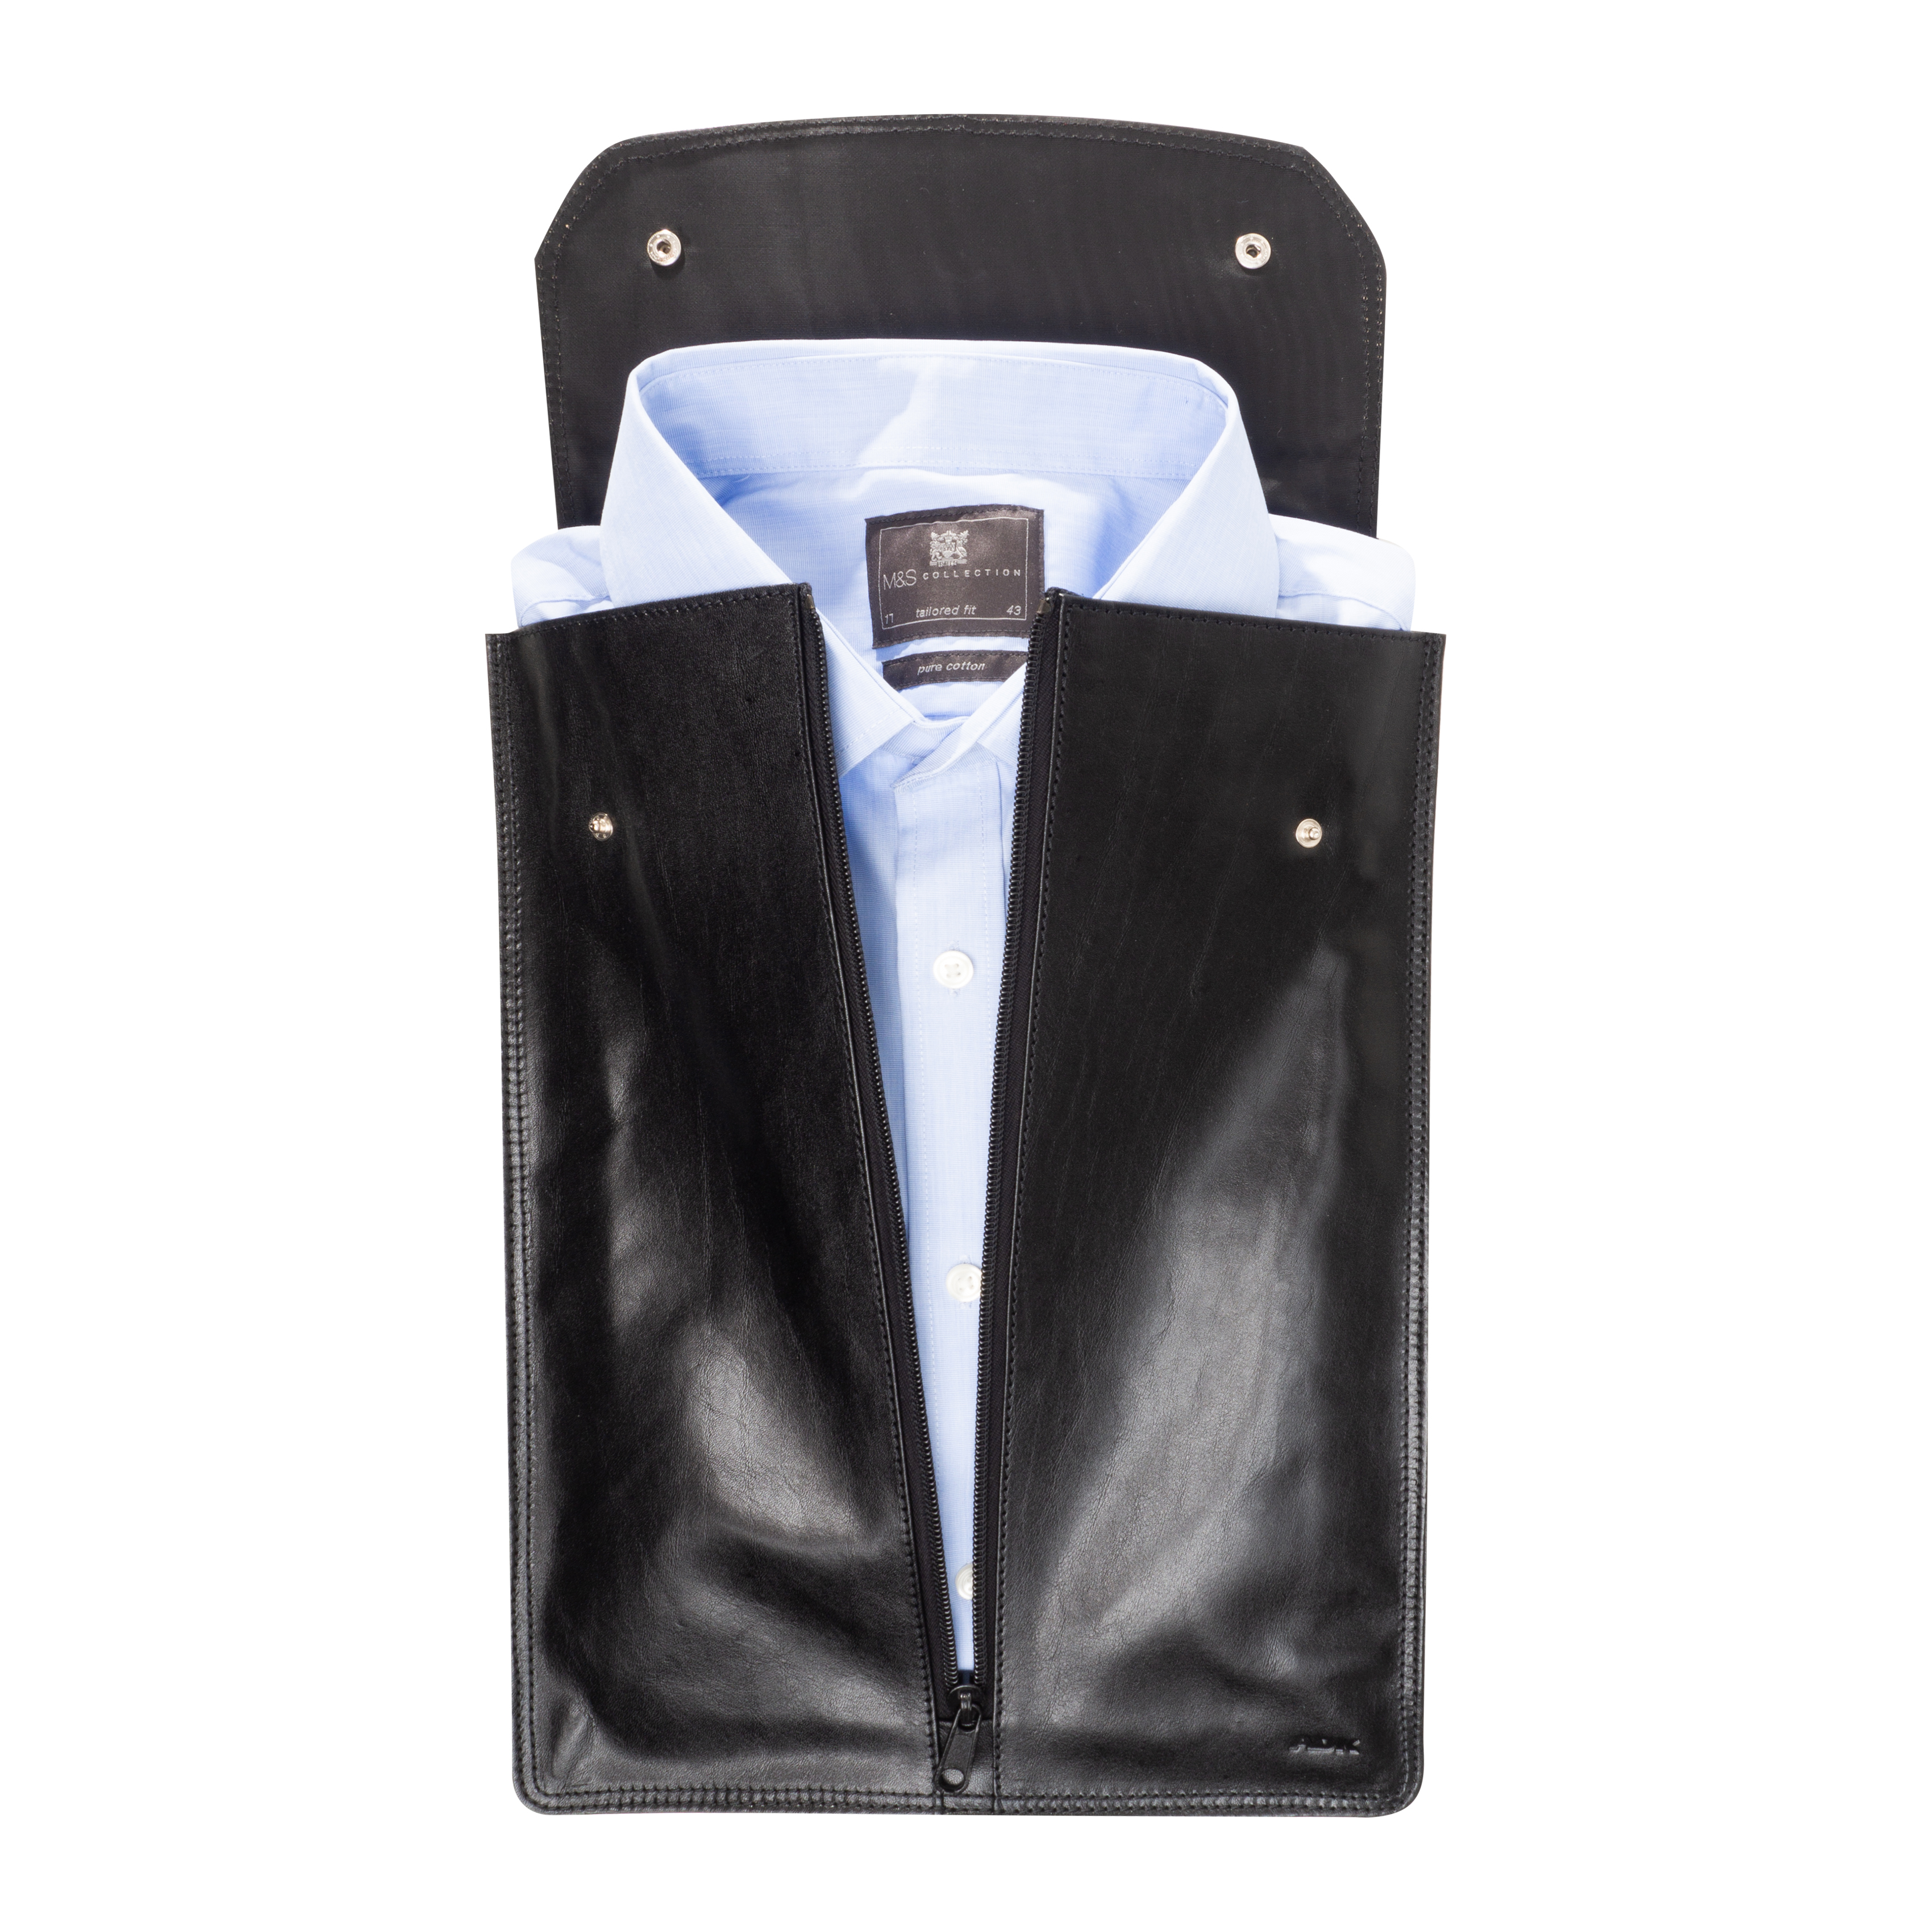 Pouzdro na košile ADK Zanzibar černé